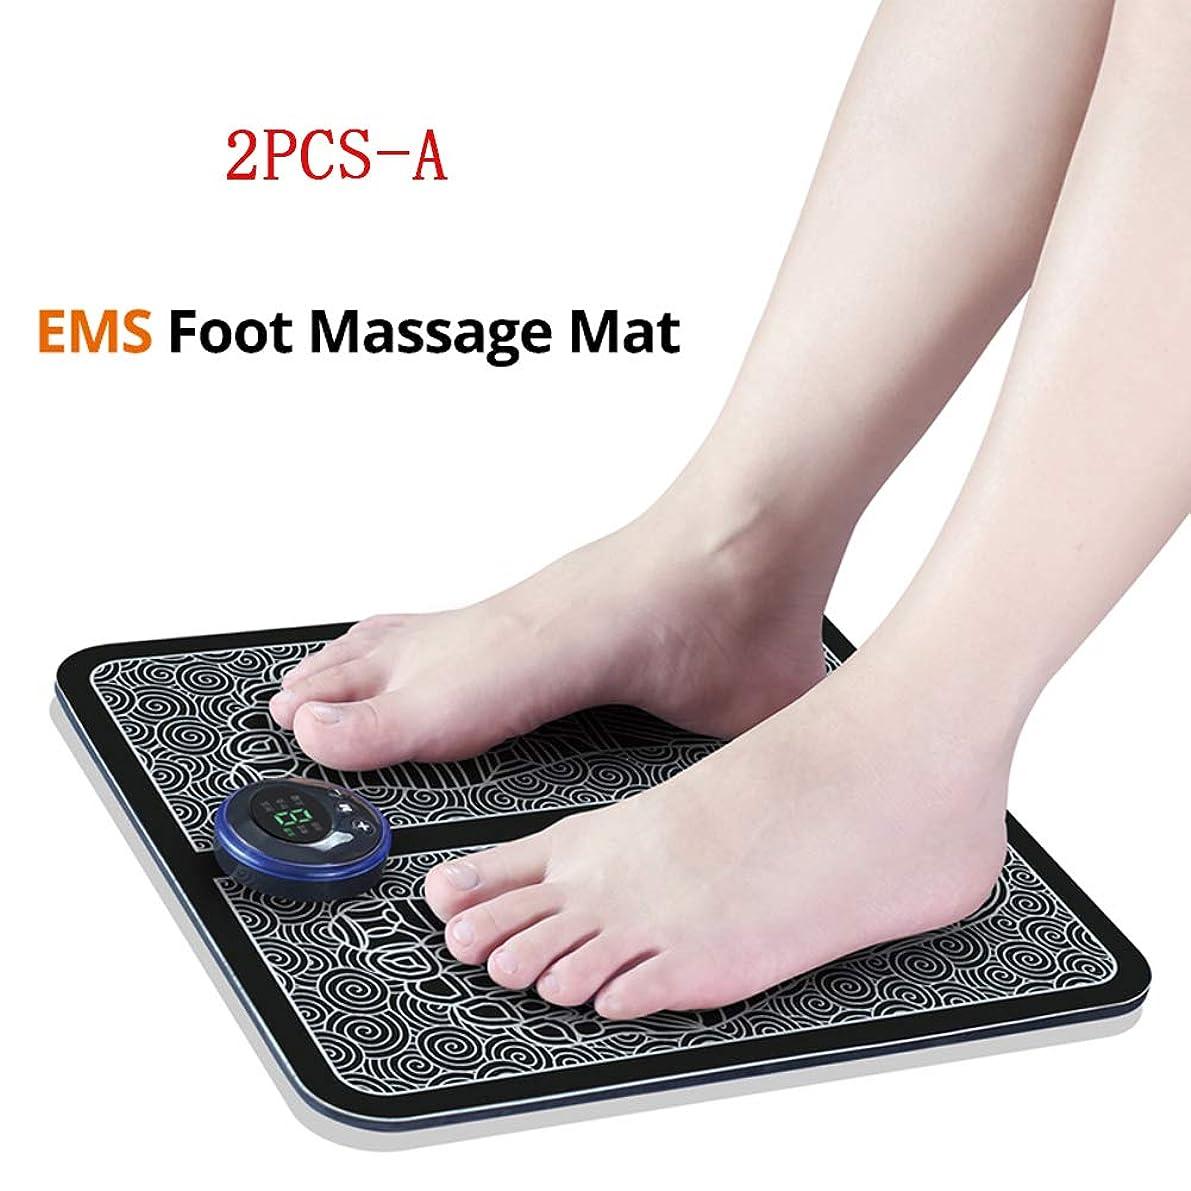 船上食器棚広範囲にEMSスマートフットマッサージパッド、フットマッサージャー、足指圧療法、血液循環の促進、筋肉痛の緩和、男性と女性用、2個,A